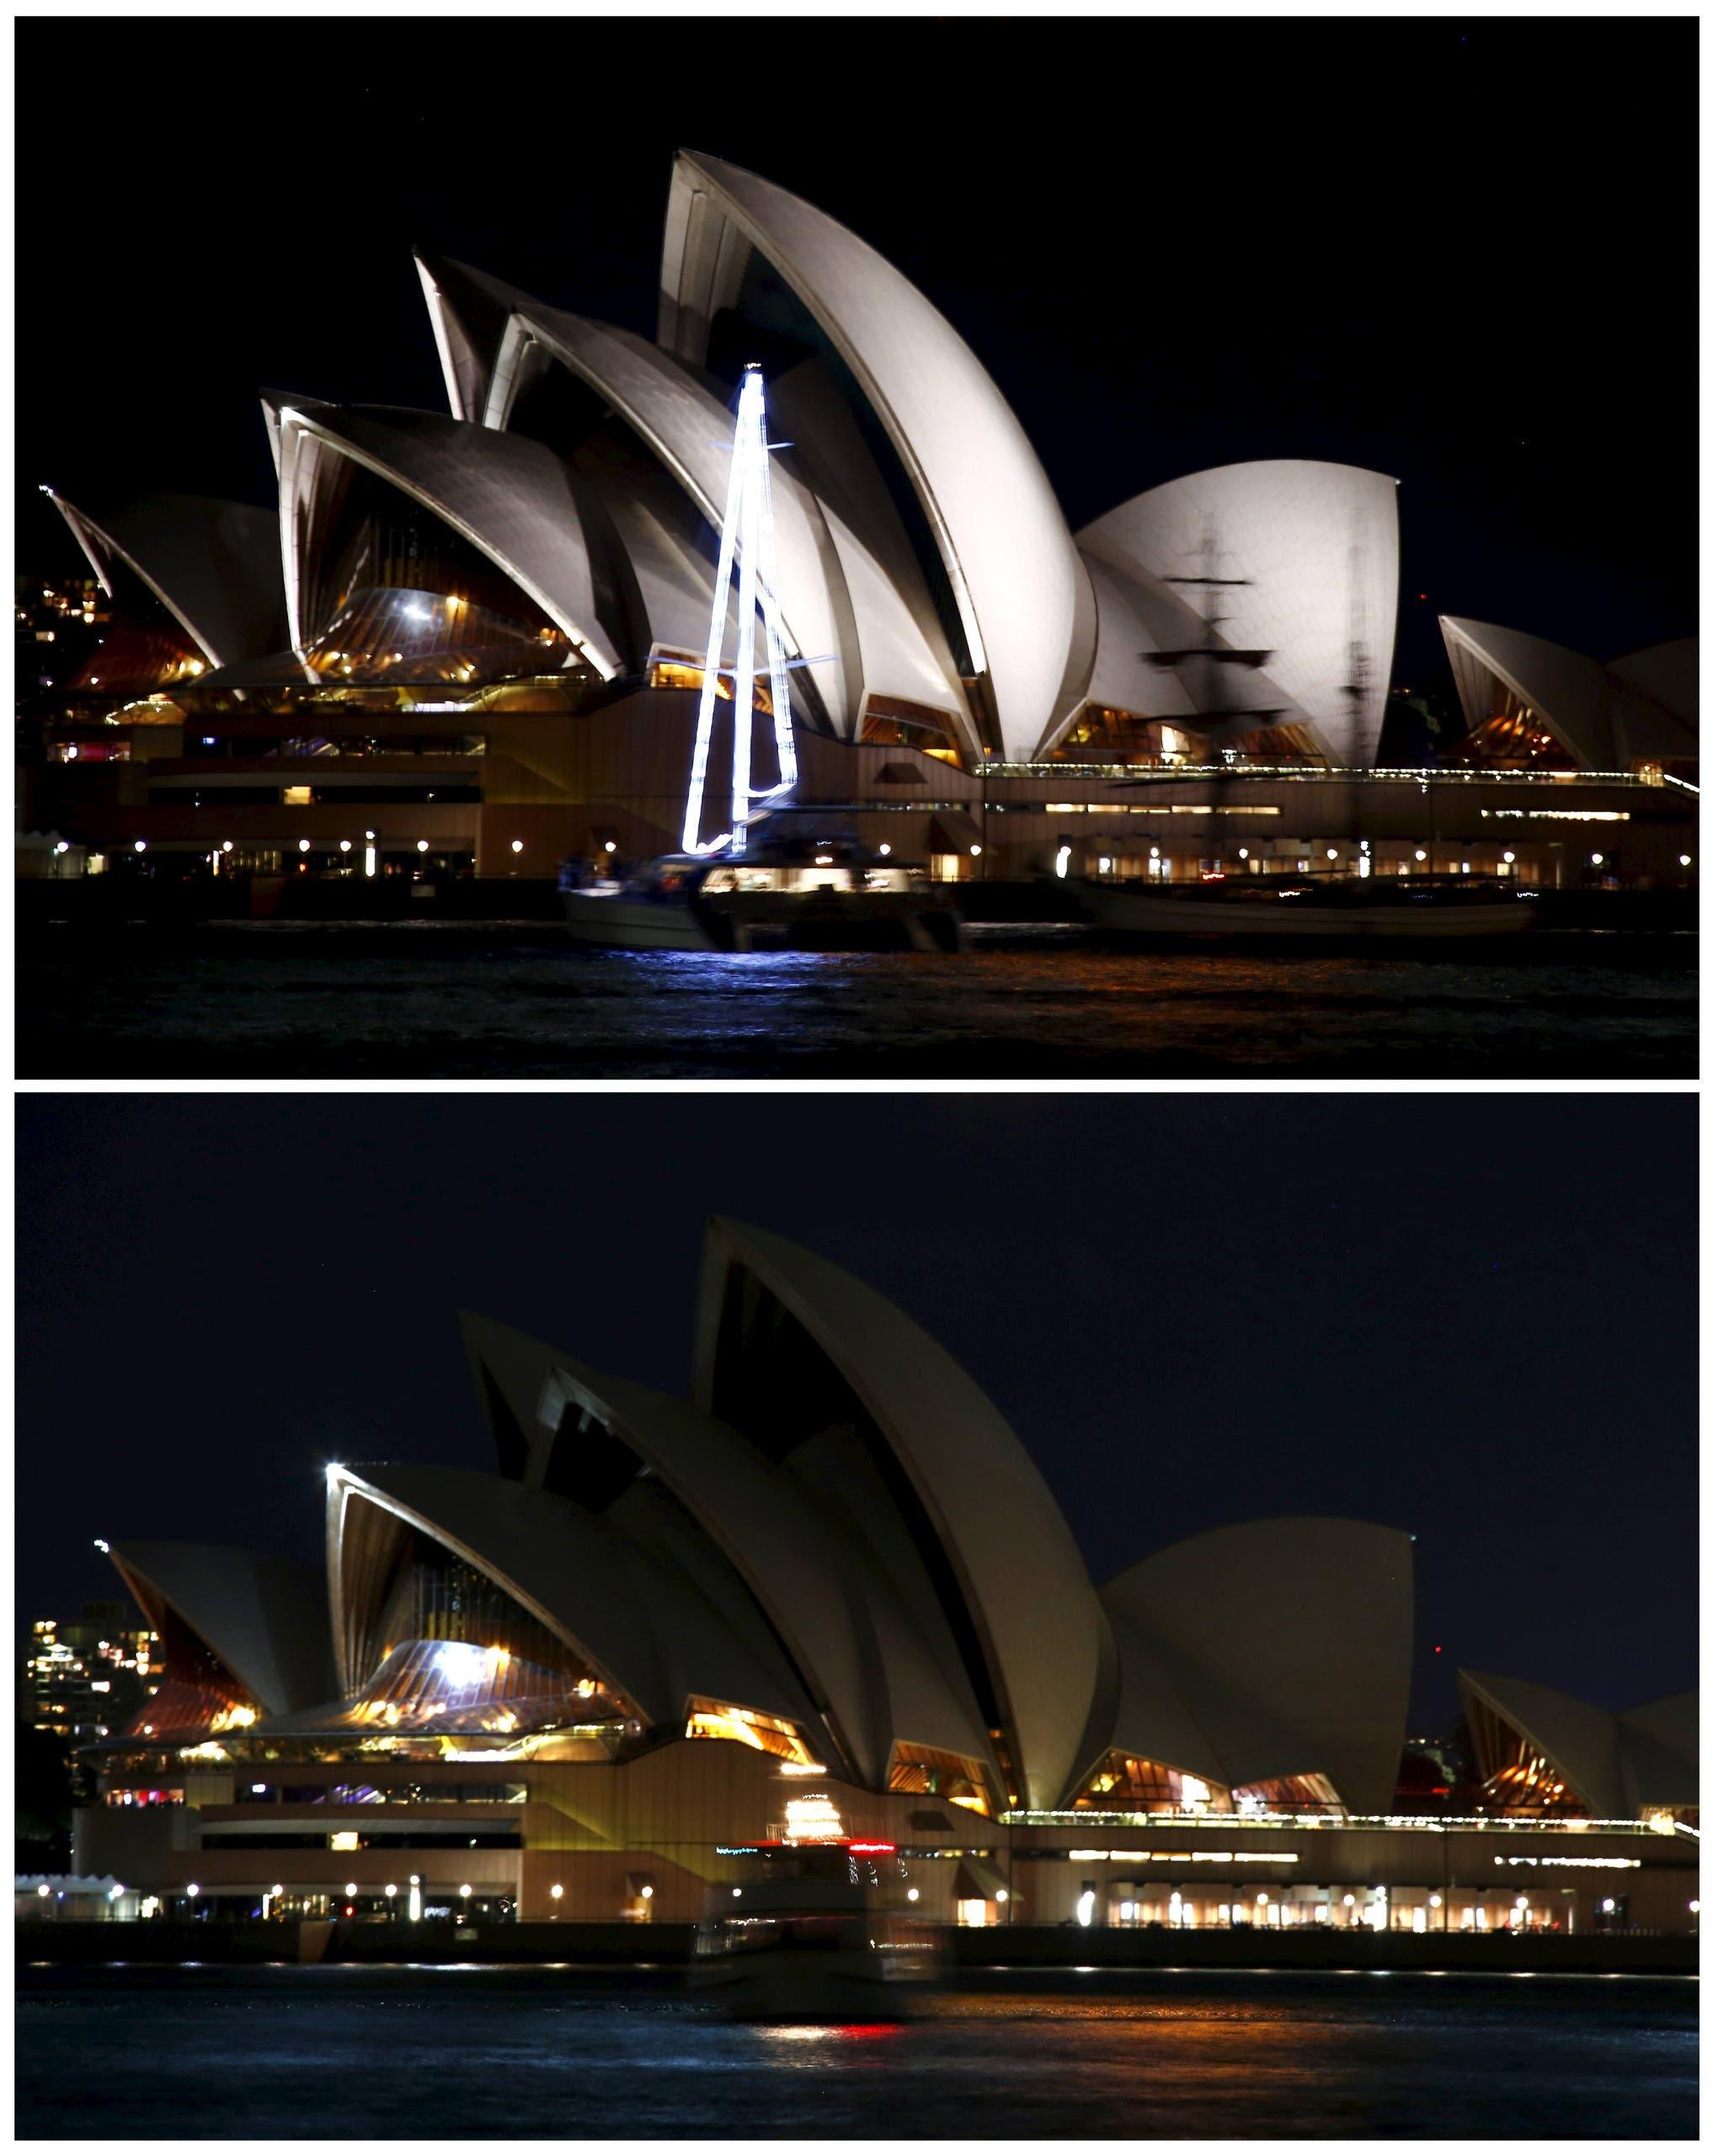 ساعة الأرض في سيدني بأستراليا